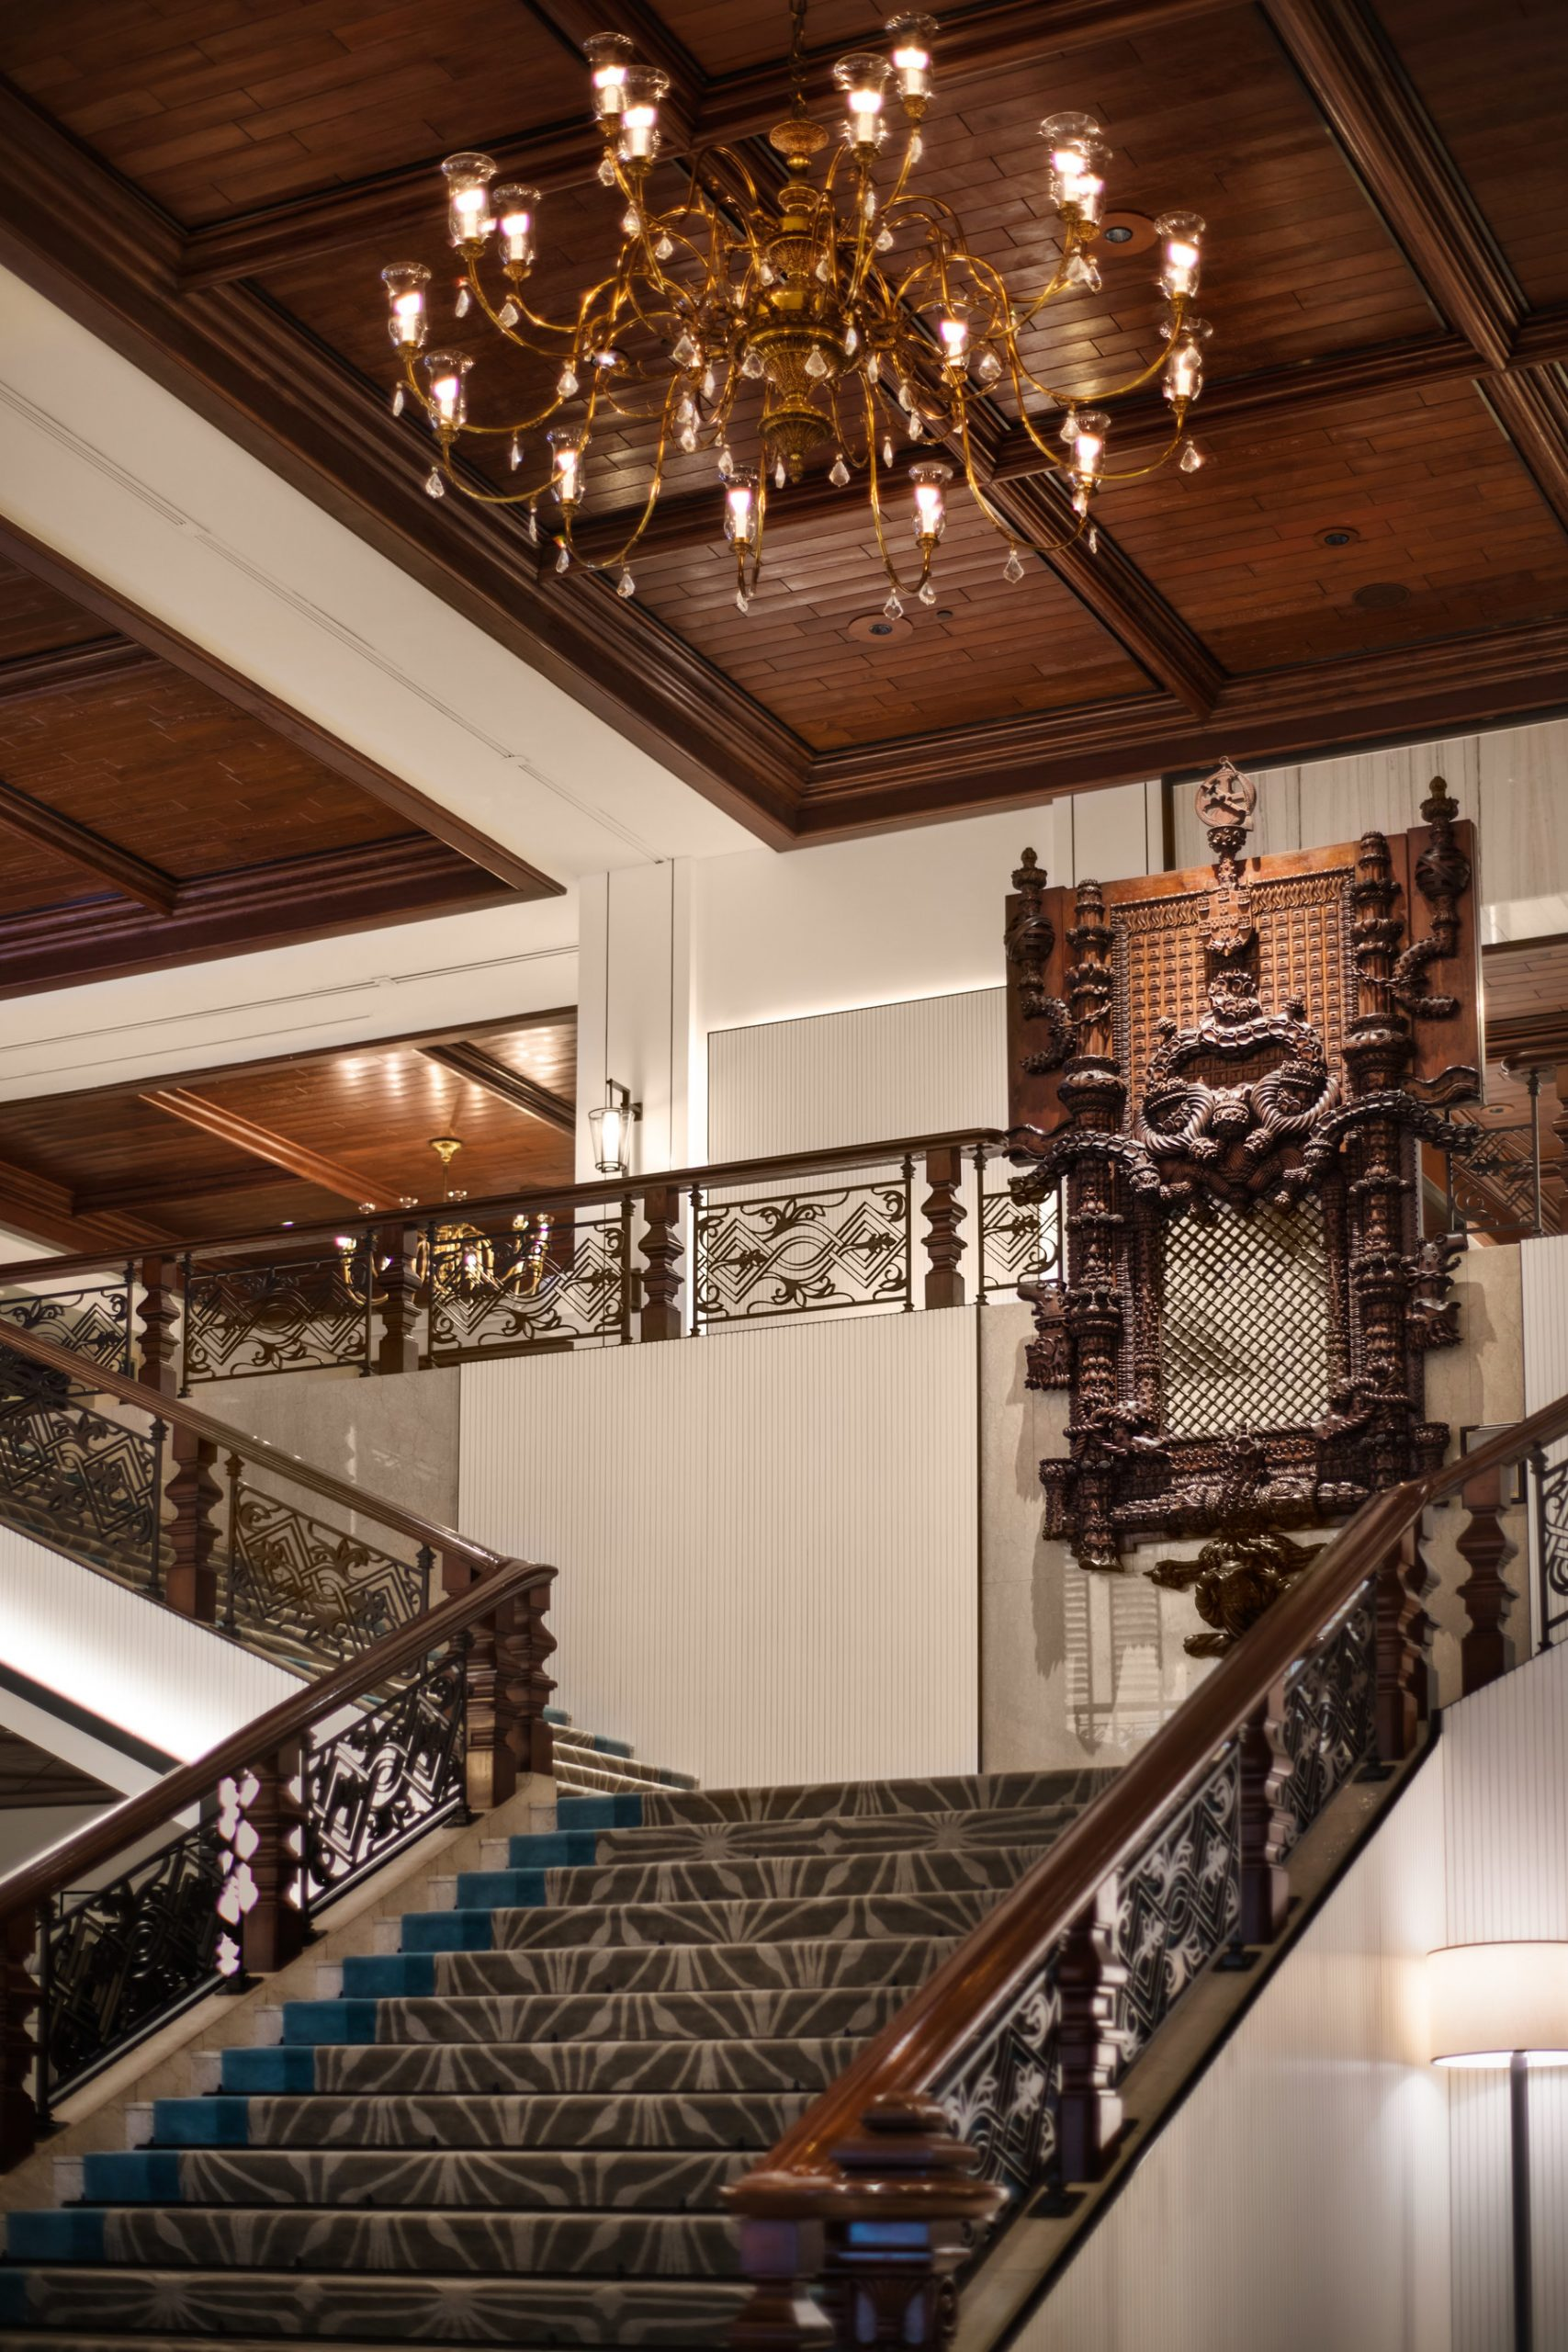 澳门金丽华酒店焕新成为澳门雅辰酒店,体验升级再出发!| Grand Lapa Macau Rebrands as Artyzen Grand Lapa Macau Unveiling a New Chapter and Experience